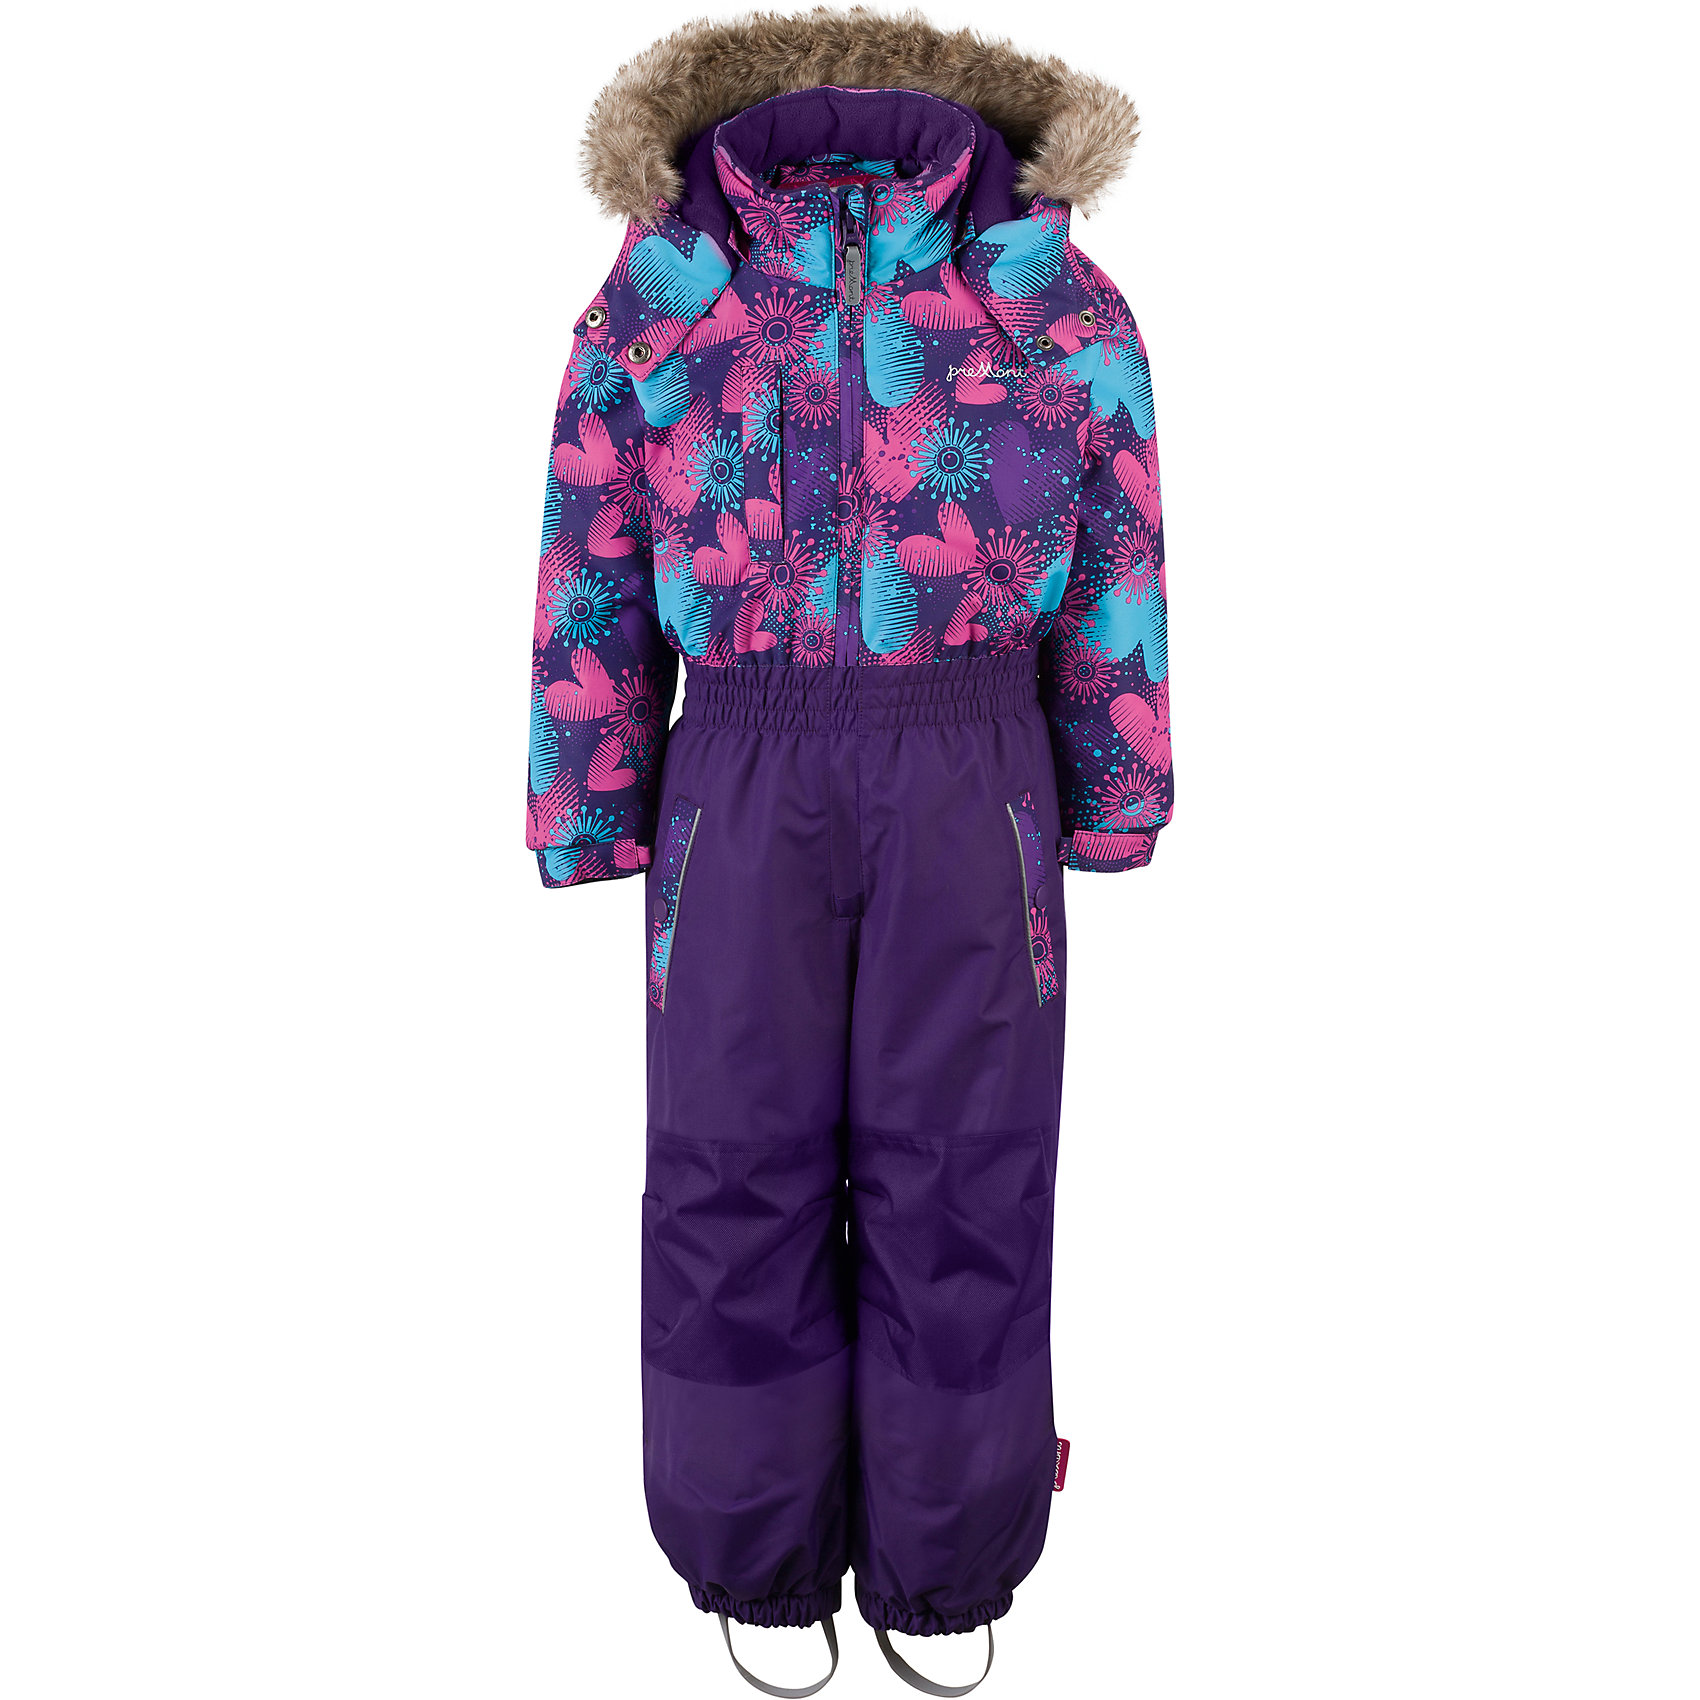 Комбинезон Premont для девочкиВерхняя одежда<br>Характеристики товара:<br><br>• цвет: сиреневый<br>• состав ткани: Taslan<br>• подкладка: Polar fleece, Taffeta<br>• утеплитель: Tech-polyfill<br>• сезон: зима<br>• мембранное покрытие<br>• температурный режим: от -20 до +5<br>• водонепроницаемость: 5000 мм <br>• паропроницаемость: 5000 г/м2<br>• плотность утеплителя: 20 г/м2<br>• капюшон: съемный<br>• искусственный мех на капюшоне отстегивается<br>• застежка: молния<br>• страна бренда: Канада<br>• страна изготовитель: Китай<br><br>Мягкая и теплая подкладка комбинезона для детей делает его очень комфортным.  Мембранный комбинезон для ребенка отличается удобным капюшоном с отстегивающимся мехом и регулировкой. Детский теплый комбинезон дополнен удобными карманами на липучках. Мембранный детский комбинезон легко надевается и снимается благодаря удлиненной молнии. <br><br>Комбинезон для девочки Premont (Премонт) можно купить в нашем интернет-магазине.<br><br>Ширина мм: 356<br>Глубина мм: 10<br>Высота мм: 245<br>Вес г: 519<br>Цвет: фиолетовый<br>Возраст от месяцев: 84<br>Возраст до месяцев: 96<br>Пол: Женский<br>Возраст: Детский<br>Размер: 128,92,98,104,110,116,122<br>SKU: 7088104